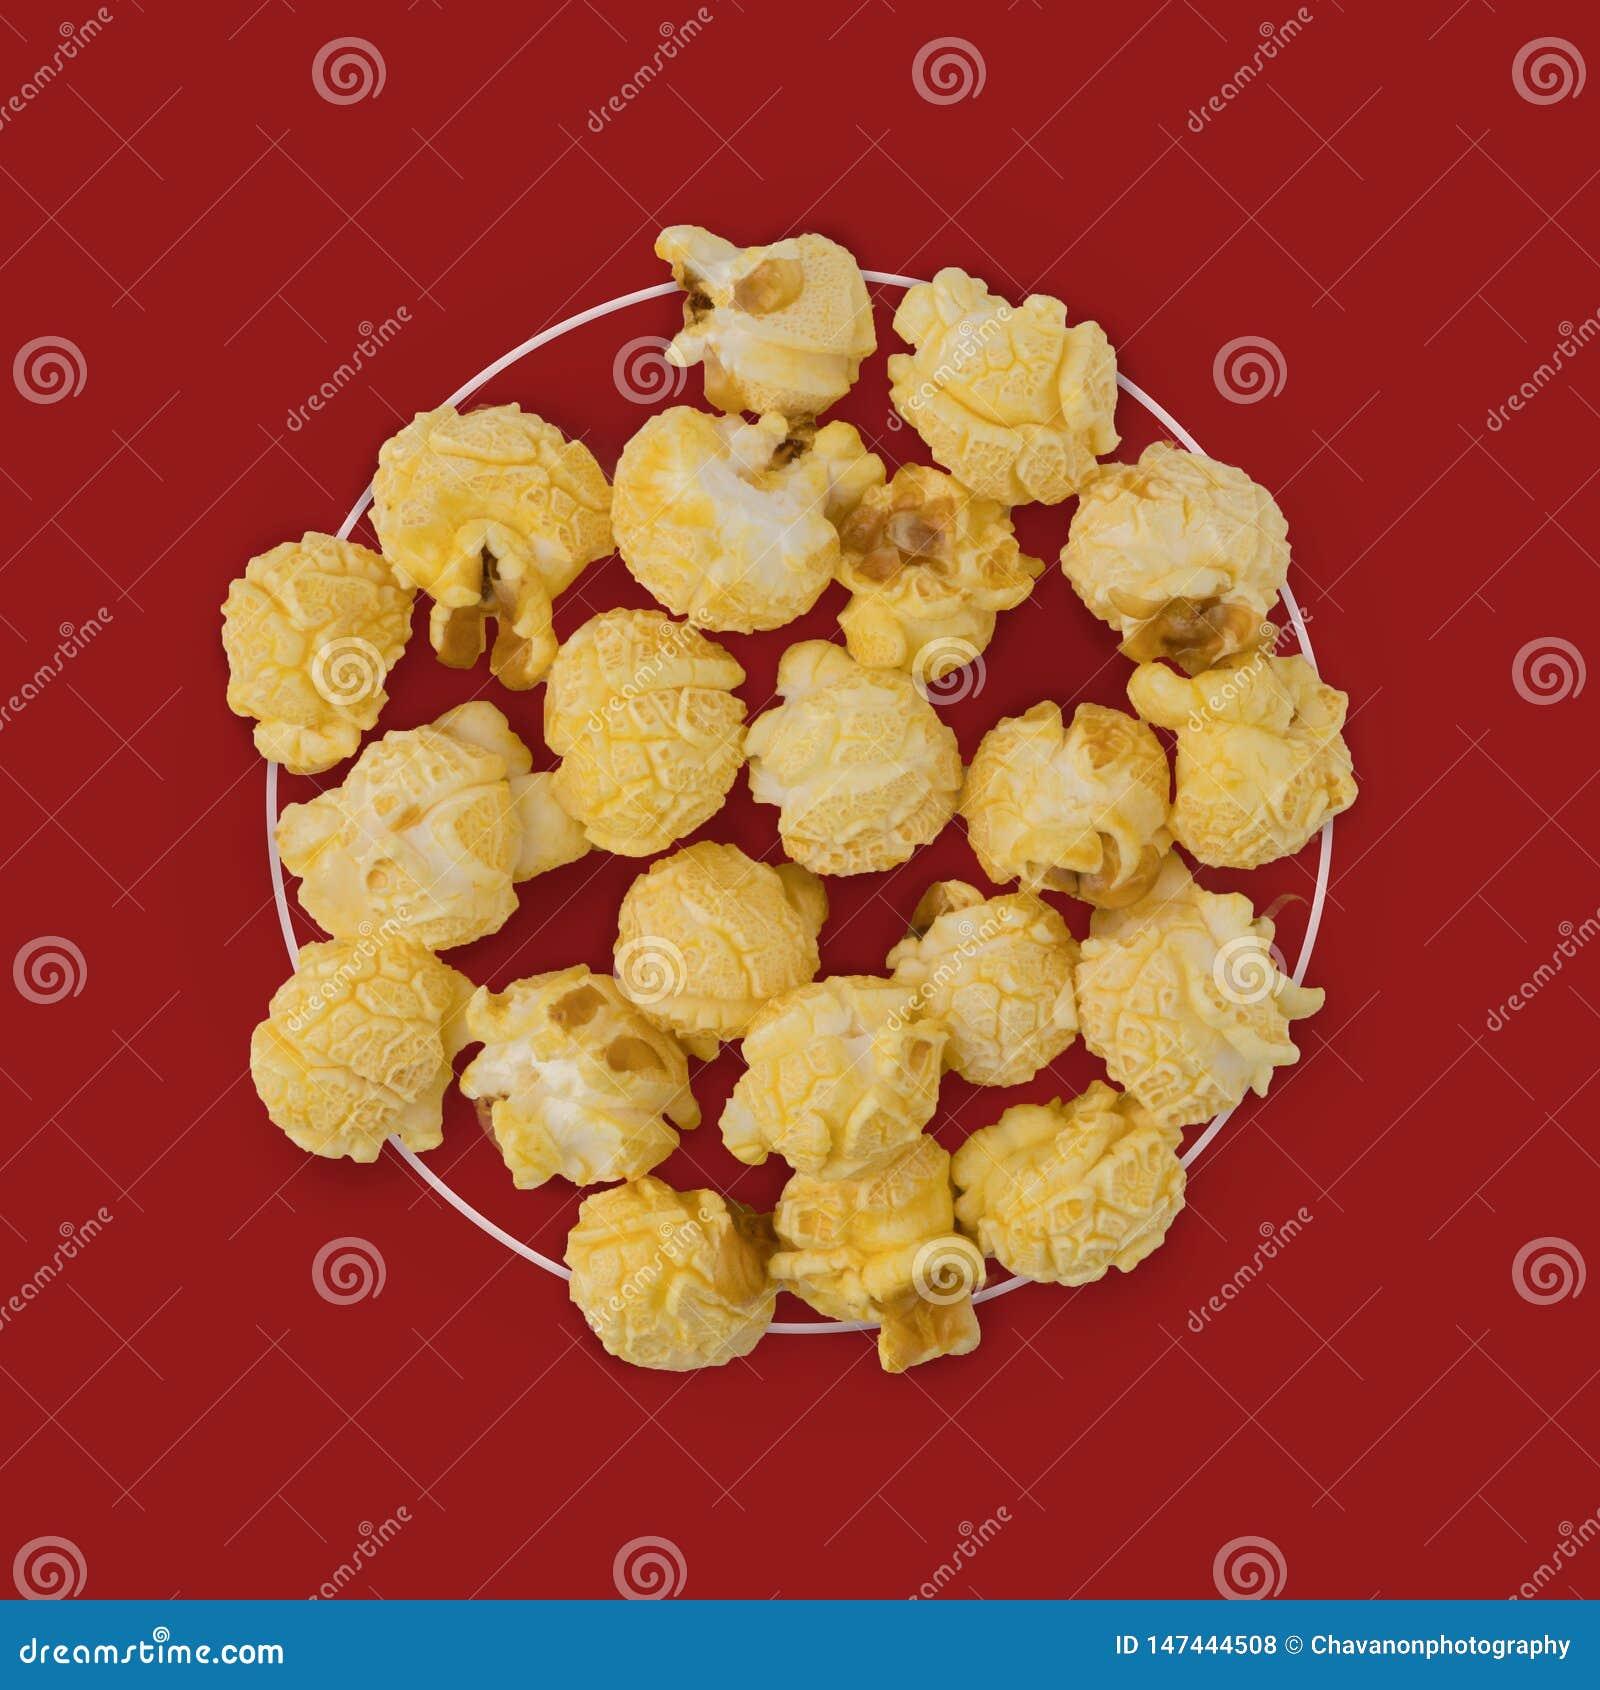 Состав попкорна плоский положенный на предпосылке цвета стиль концепции закуски кино современный творческая фотография r